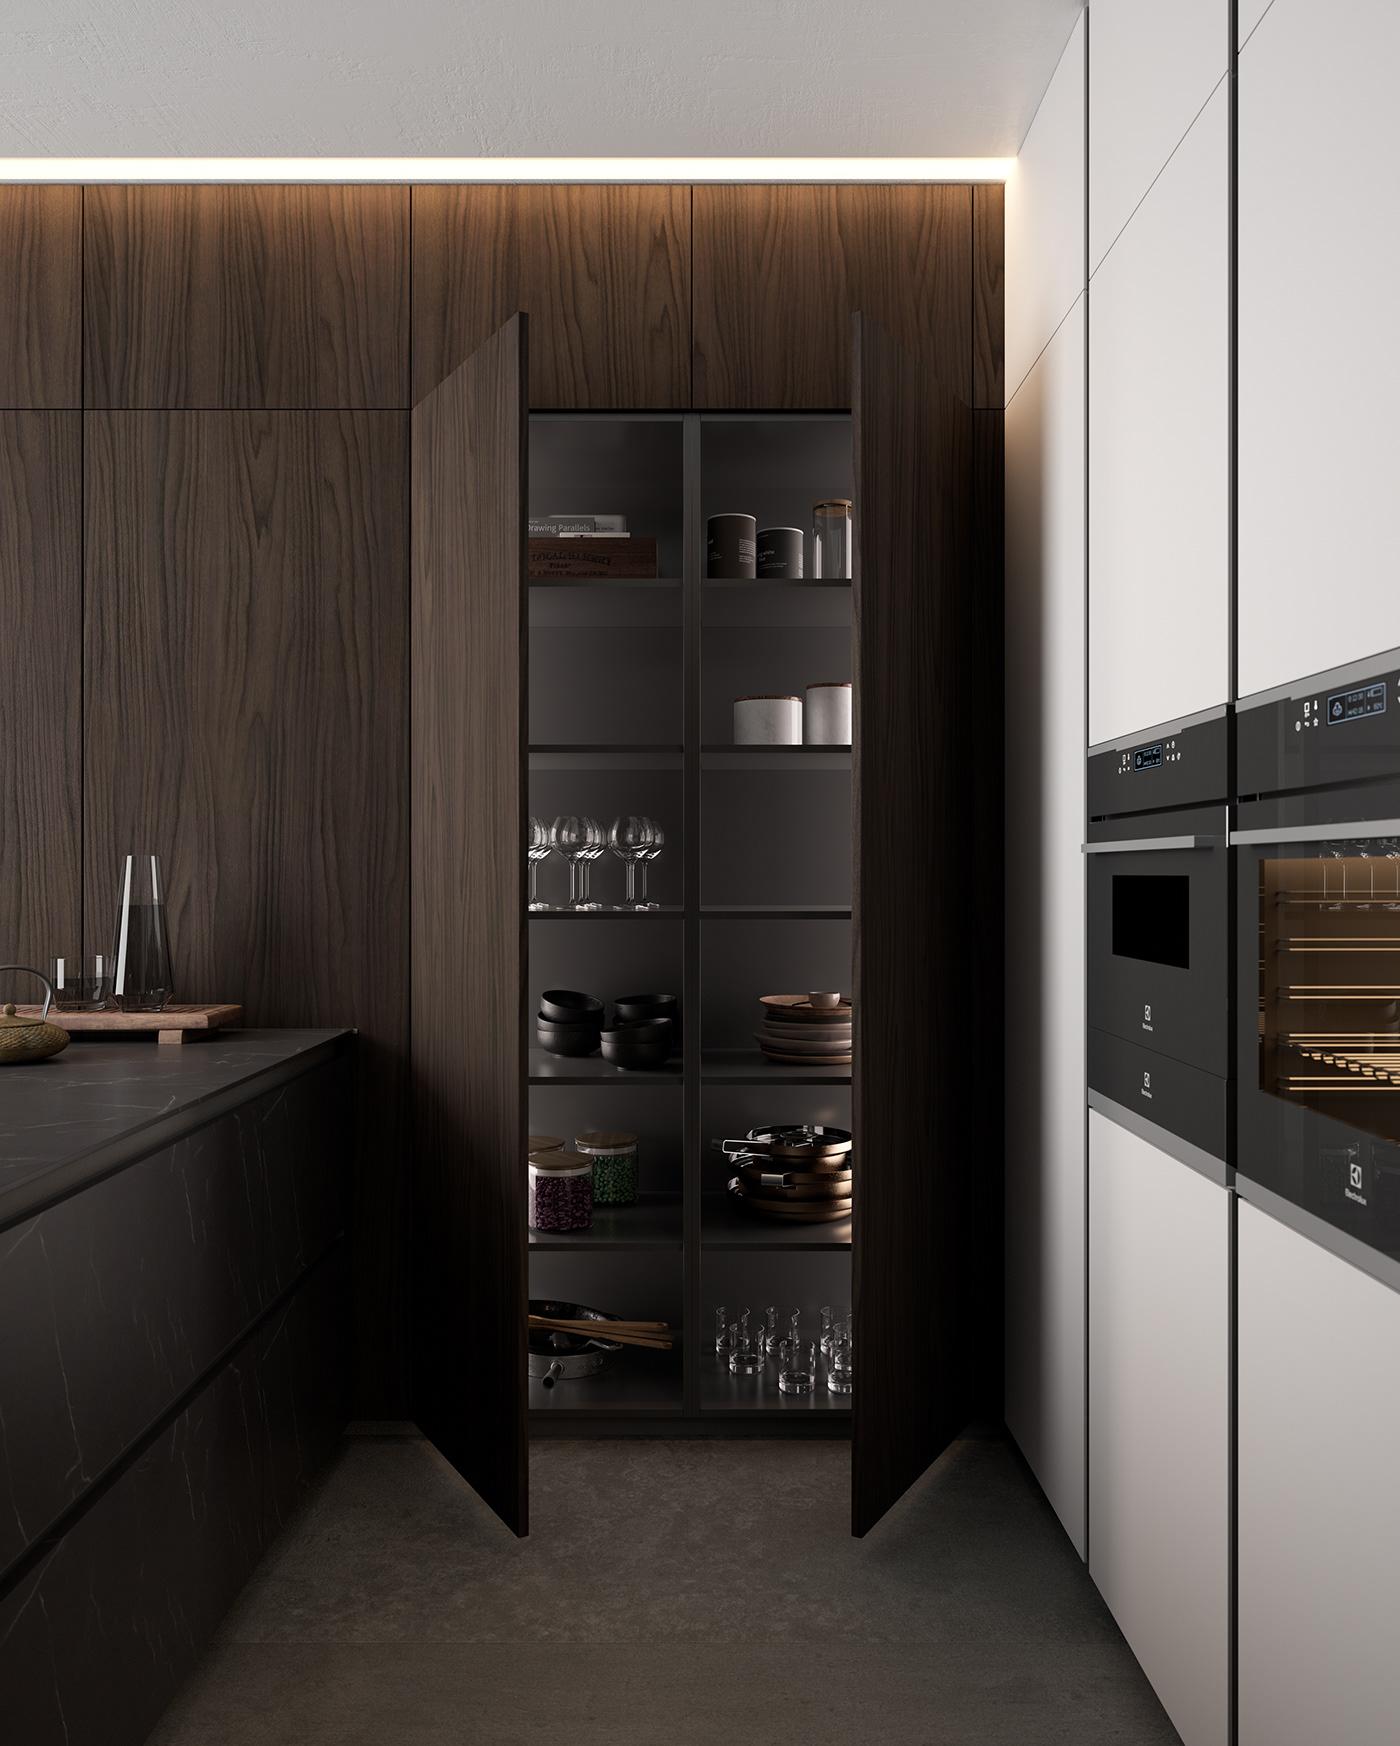 New Kitchen 2020 On Behance